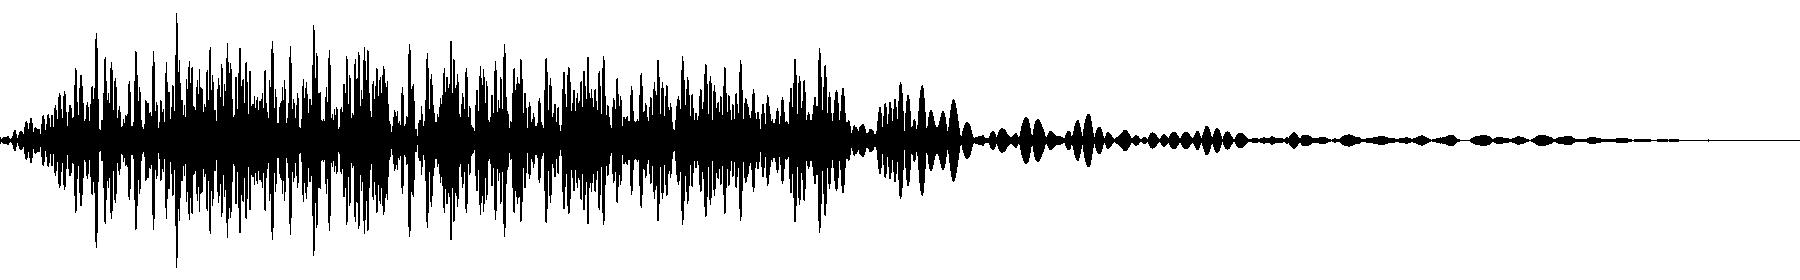 veh2 synths   053 c